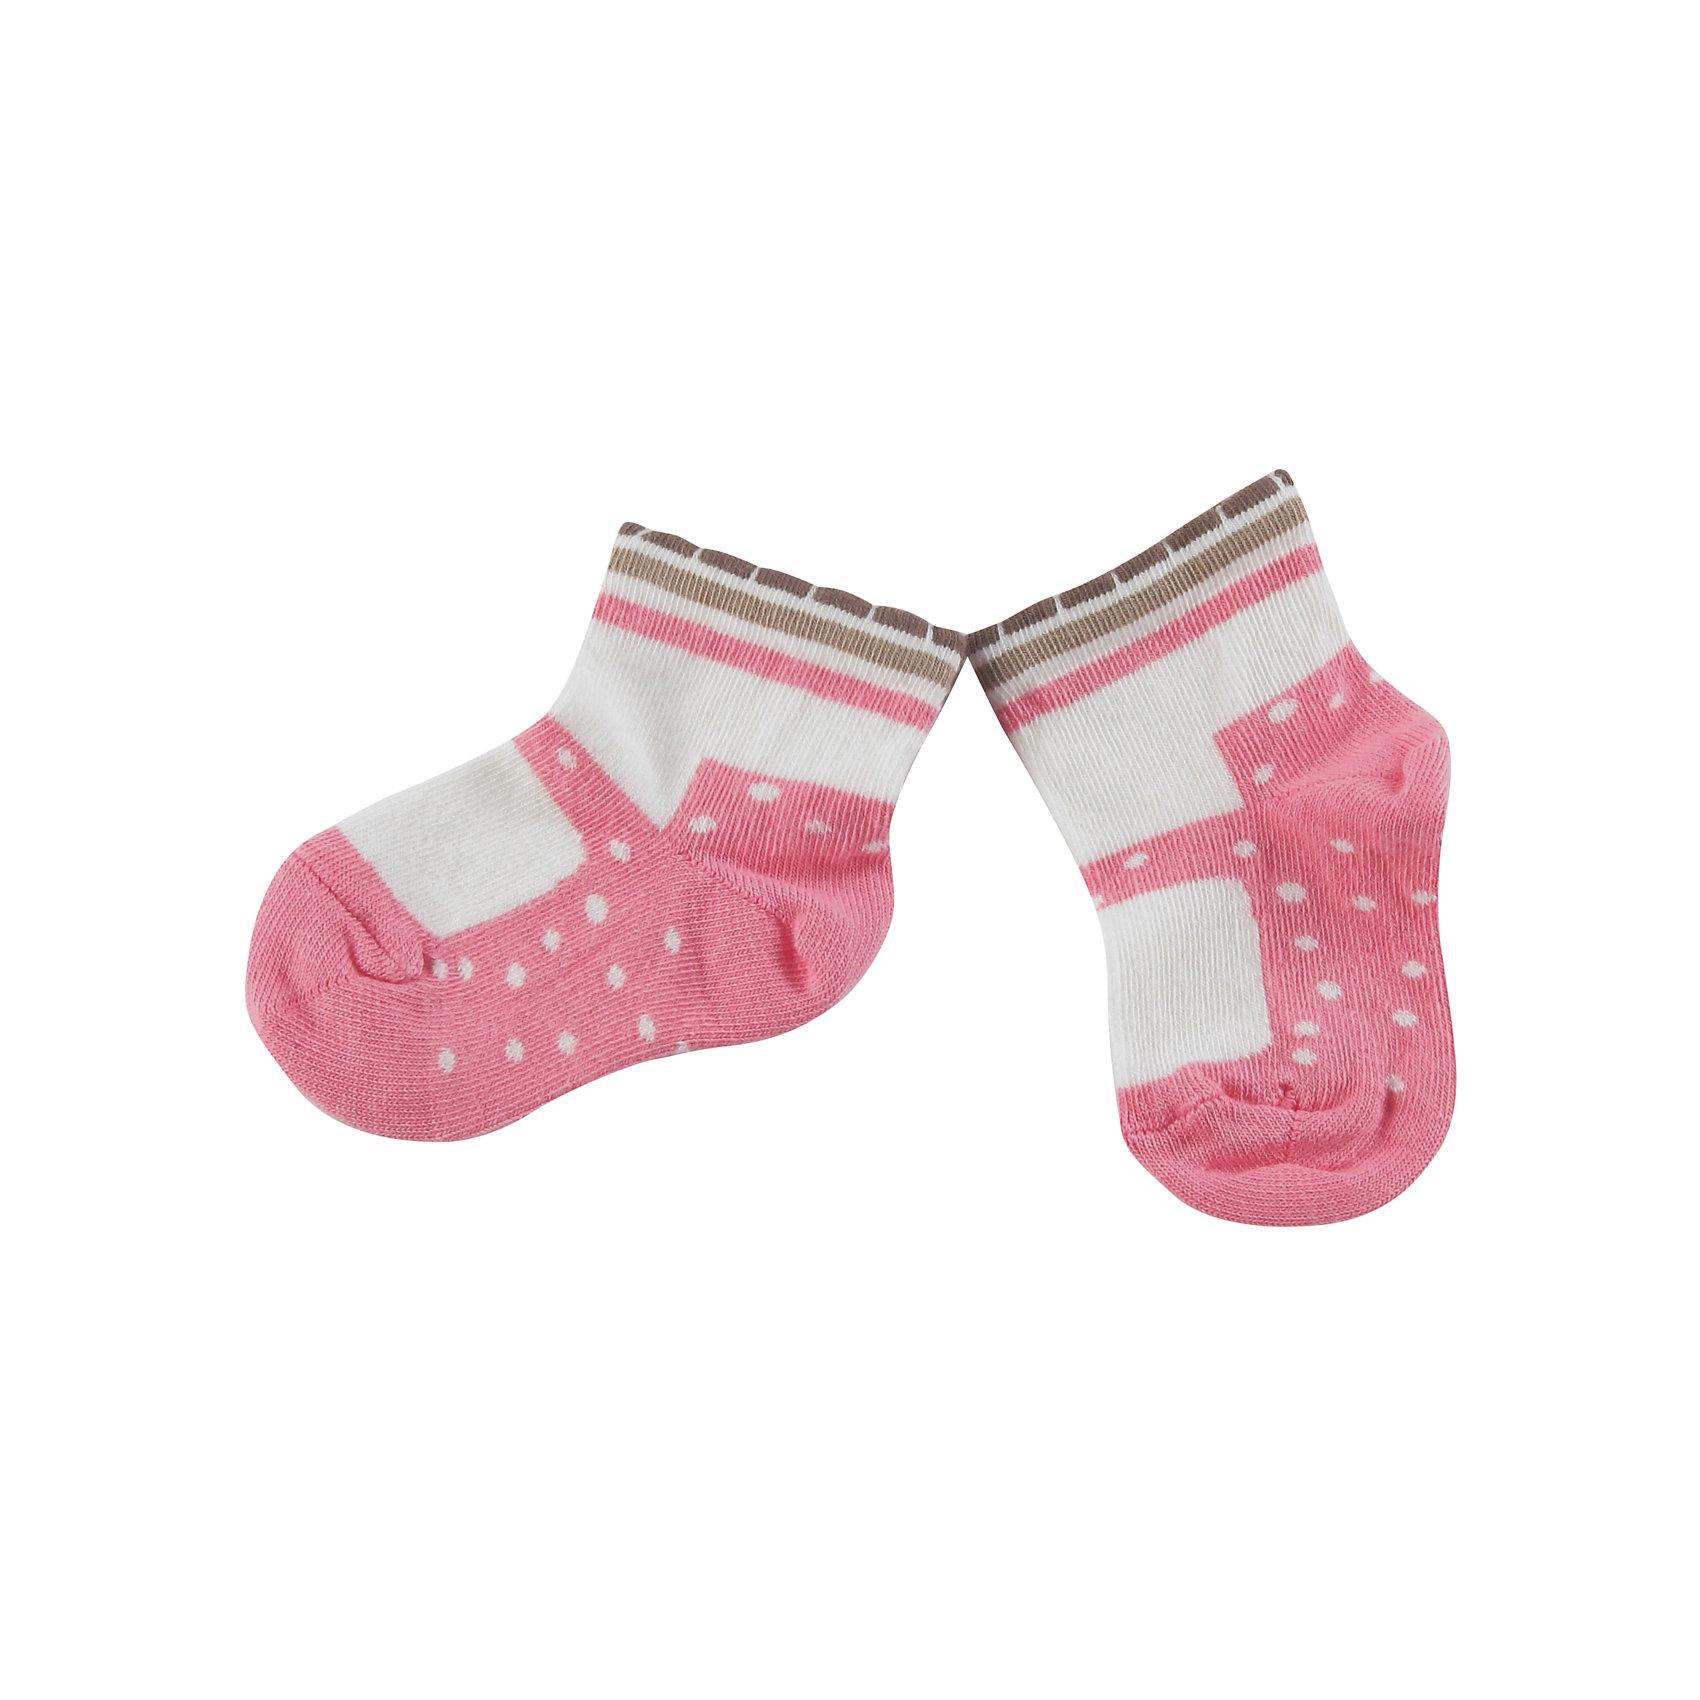 Носки для девочки WojcikНоски<br>Характеристики товара:<br><br>• цвет: белый<br>• состав ткани: 87% хлопок, 11% полиамид, 2% эластан <br>• сезон: круглый год<br>• страна бренда: Польша<br>• страна изготовитель: Польша<br><br>Трикотажные носки для девочки Wojcik не давят на ногу благодаря мягкой резинке. Детские носки декорированы оригинальным узором. Такие носки для детей - мягкие и комфортные. Одежда для детей из Польши от бренда Wojcik отличается хорошим качеством и стилем. <br><br>Носки для девочки Wojcik (Войчик) можно купить в нашем интернет-магазине.<br><br>Ширина мм: 87<br>Глубина мм: 10<br>Высота мм: 105<br>Вес г: 115<br>Цвет: розовый/белый<br>Возраст от месяцев: 0<br>Возраст до месяцев: 5<br>Пол: Женский<br>Возраст: Детский<br>Размер: 16/17,15/16,18/19<br>SKU: 5590753